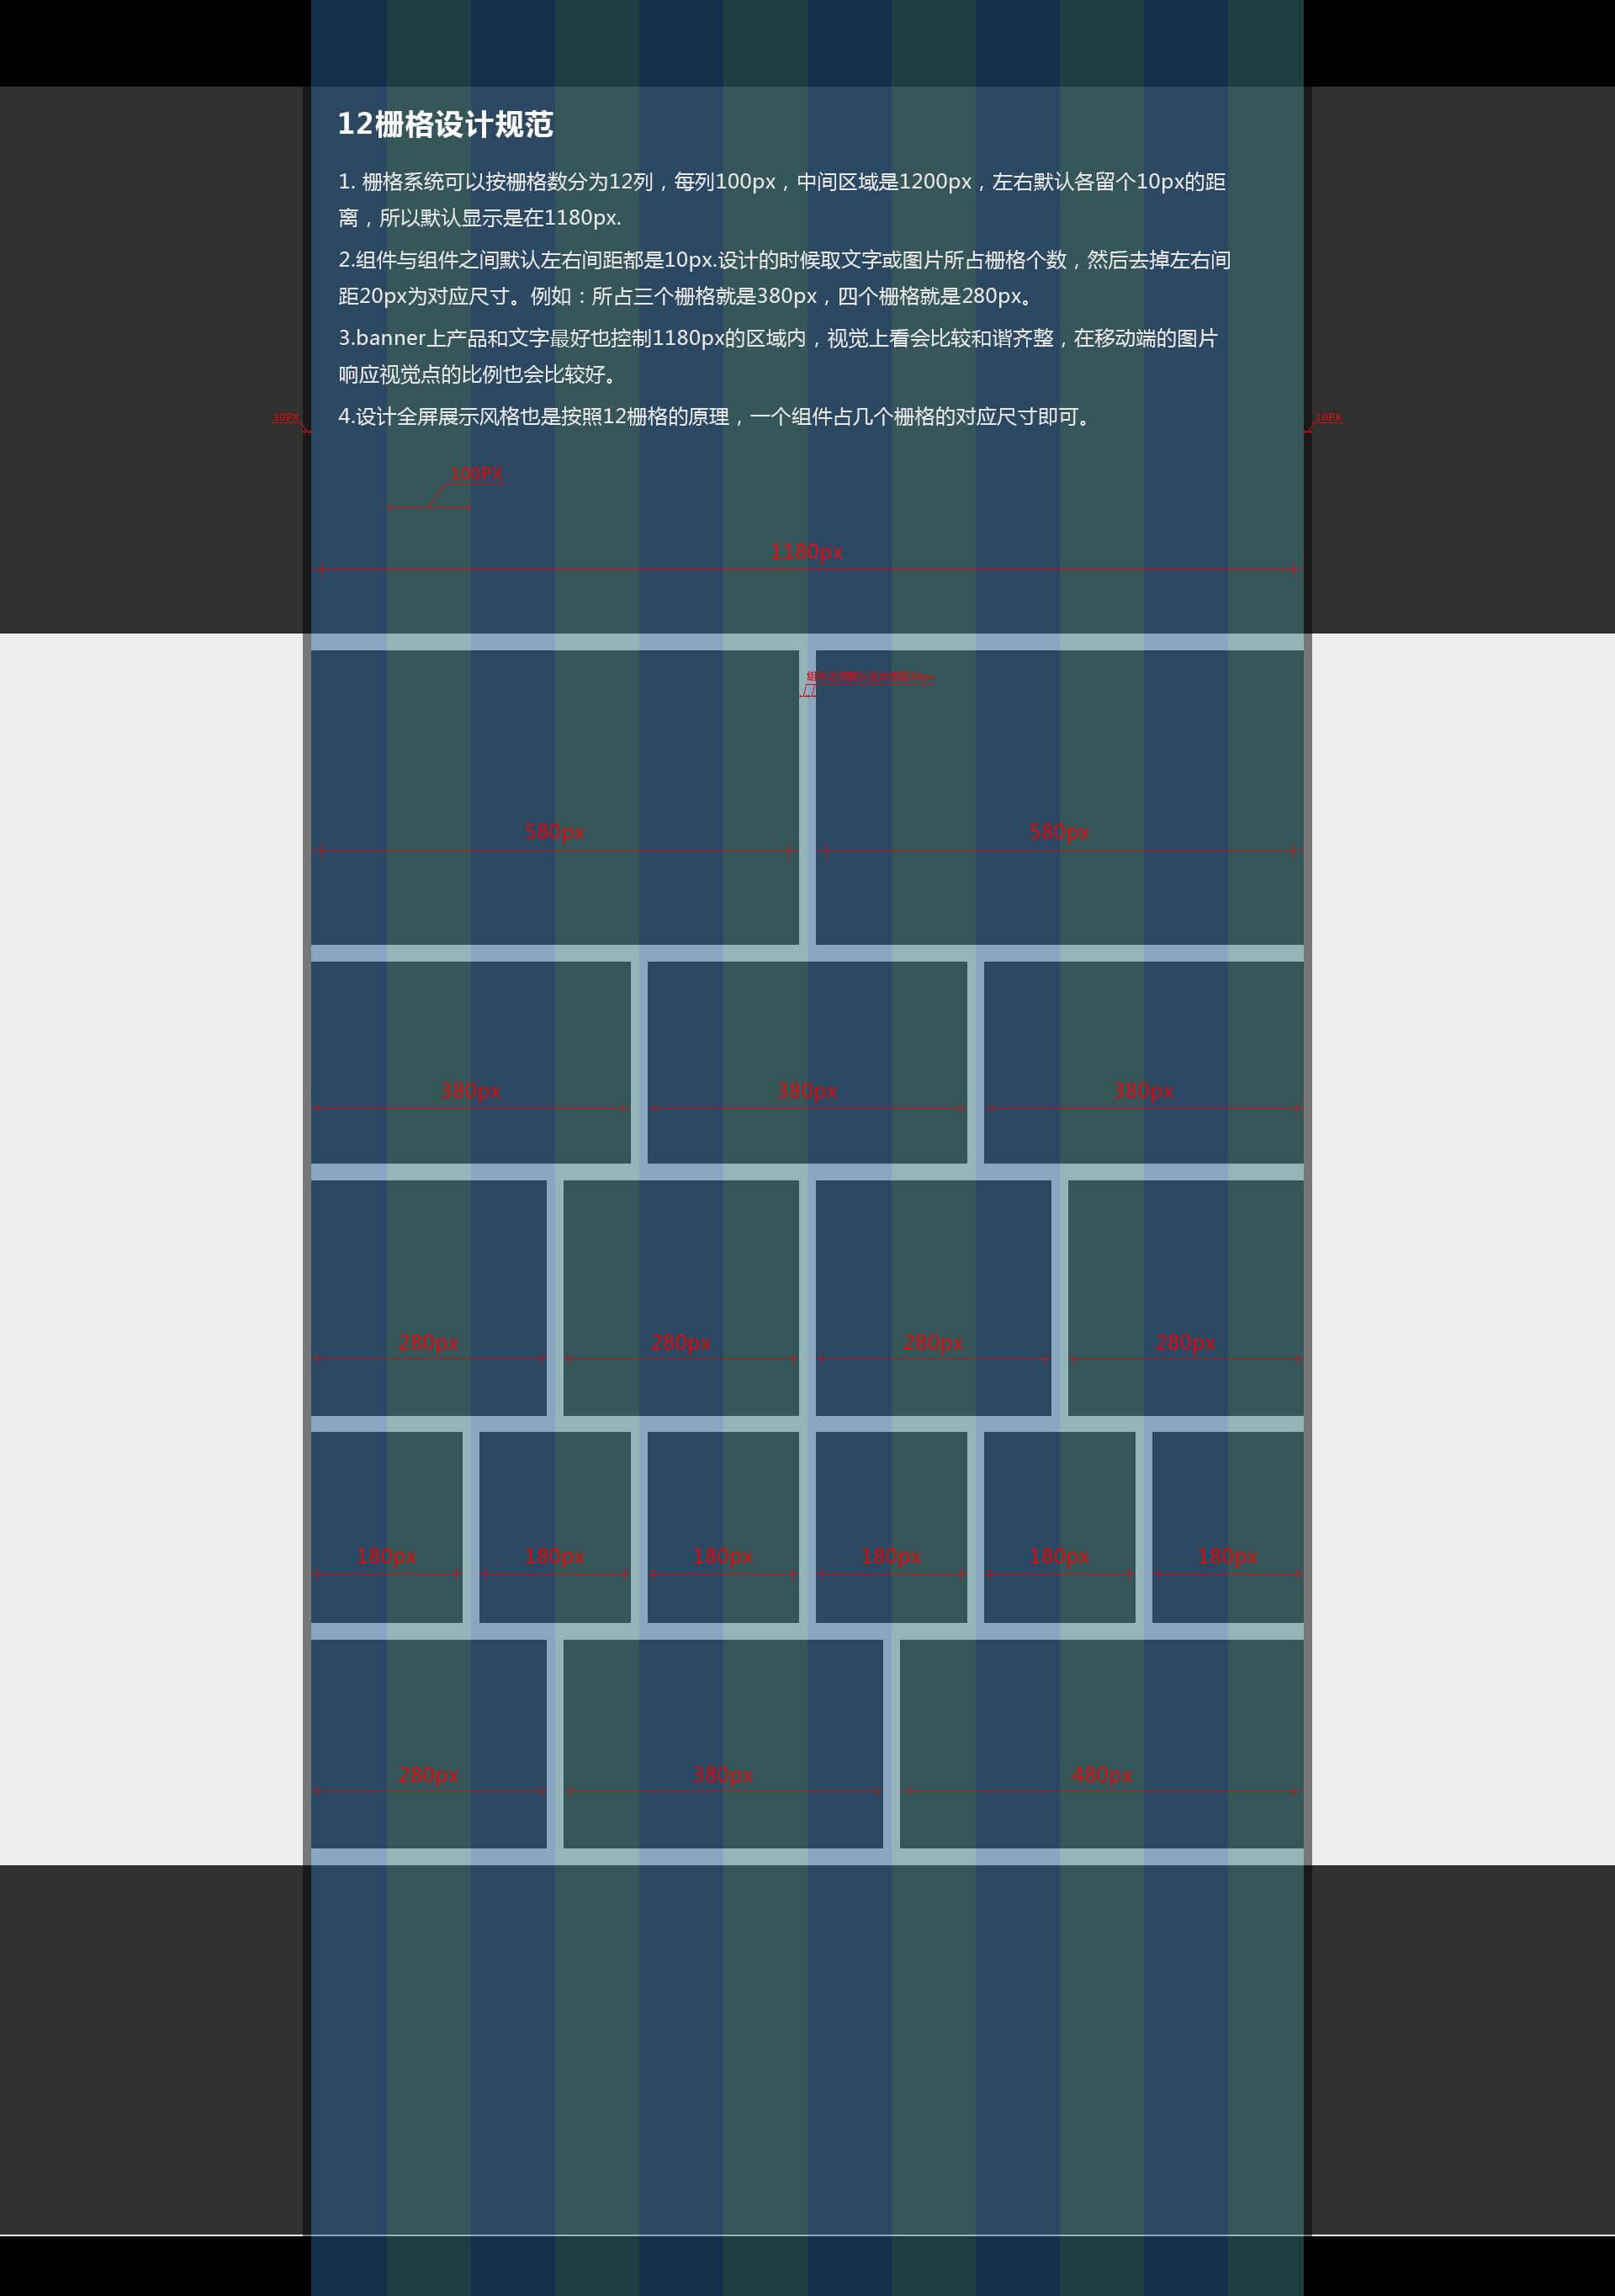 12栅格设计规范.jpg